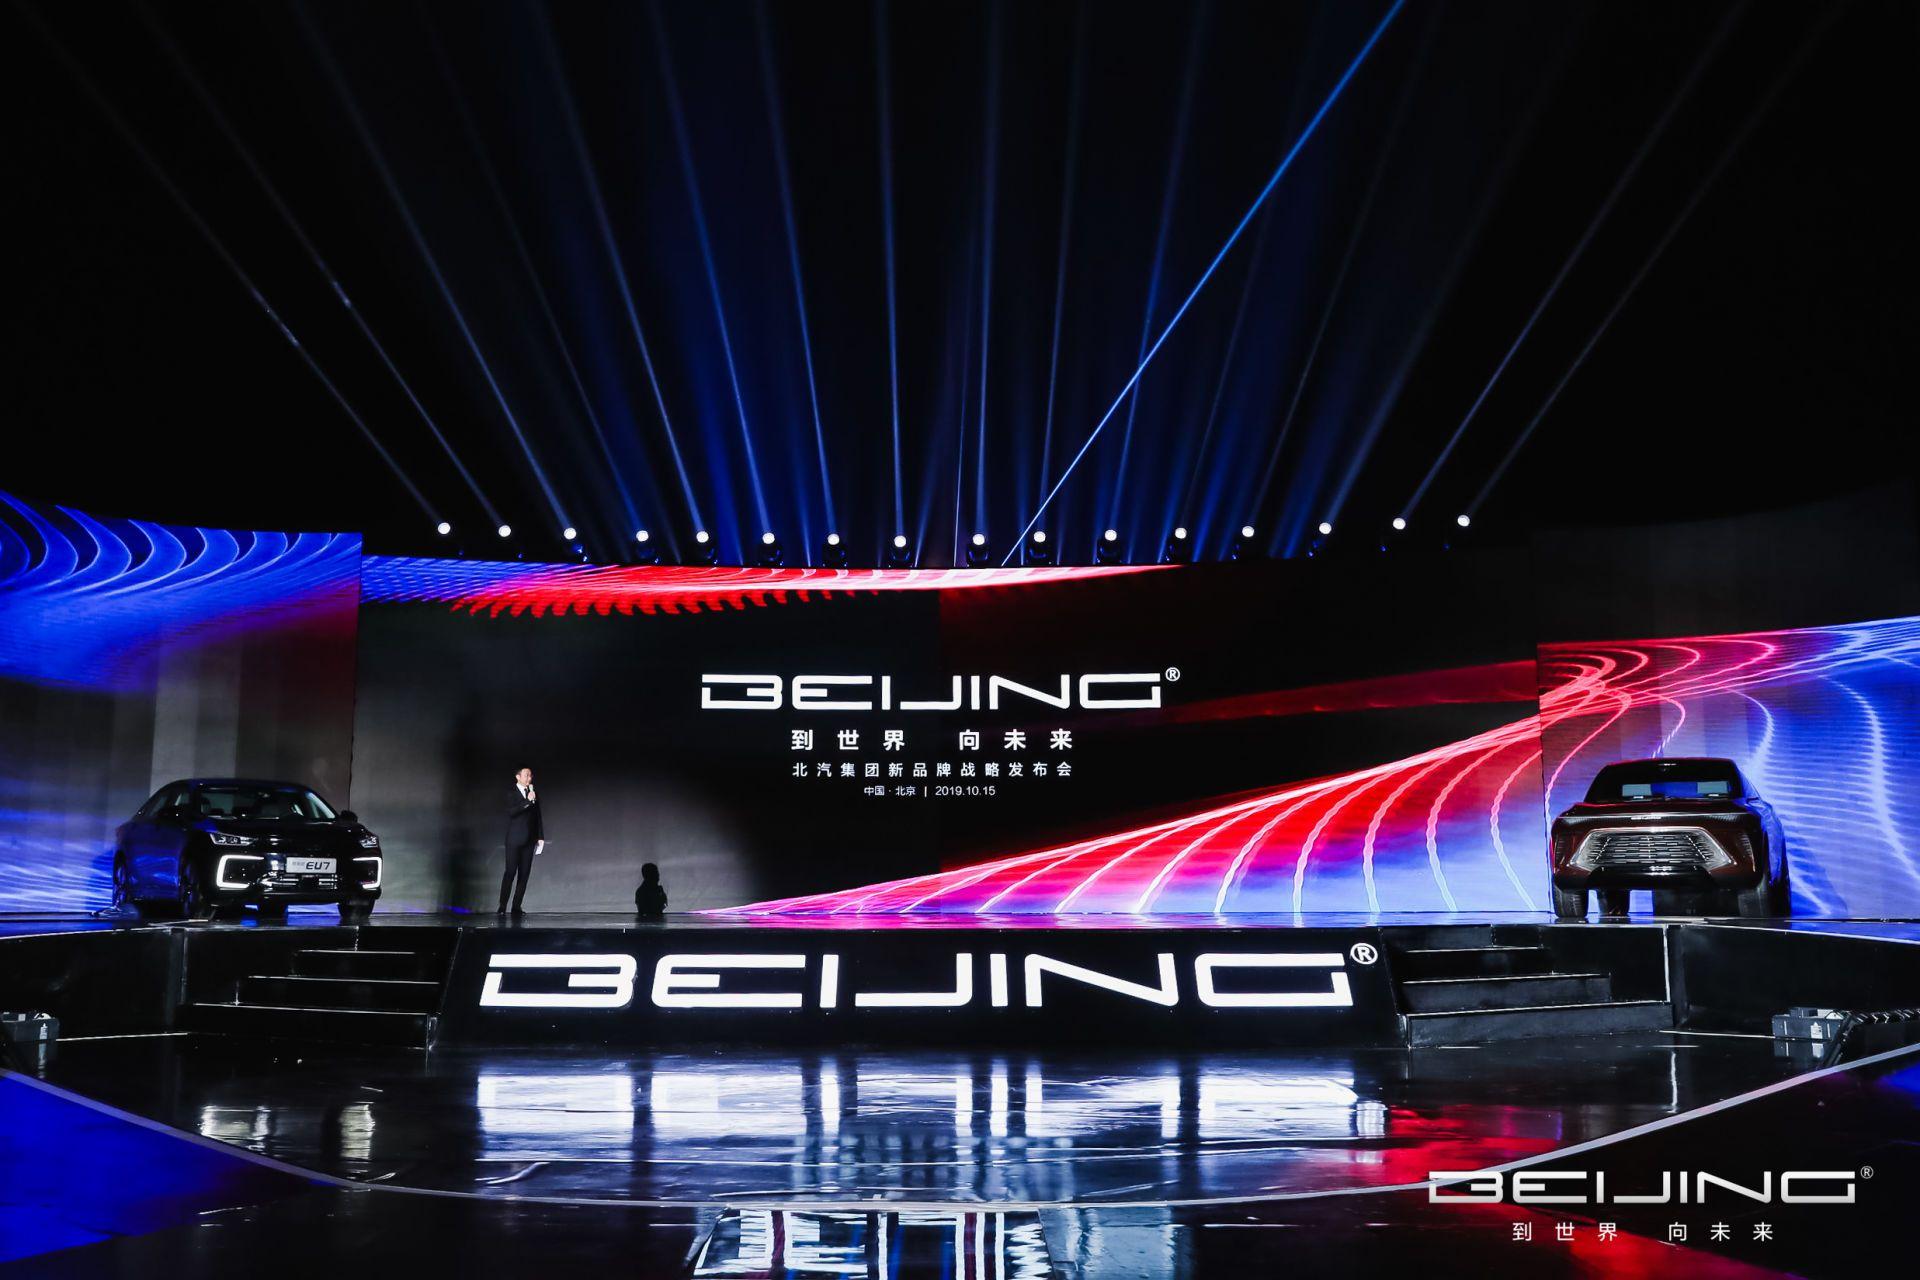 从BEIJING 到世界  向未来!北汽集团正式发布全新BEIJING品牌